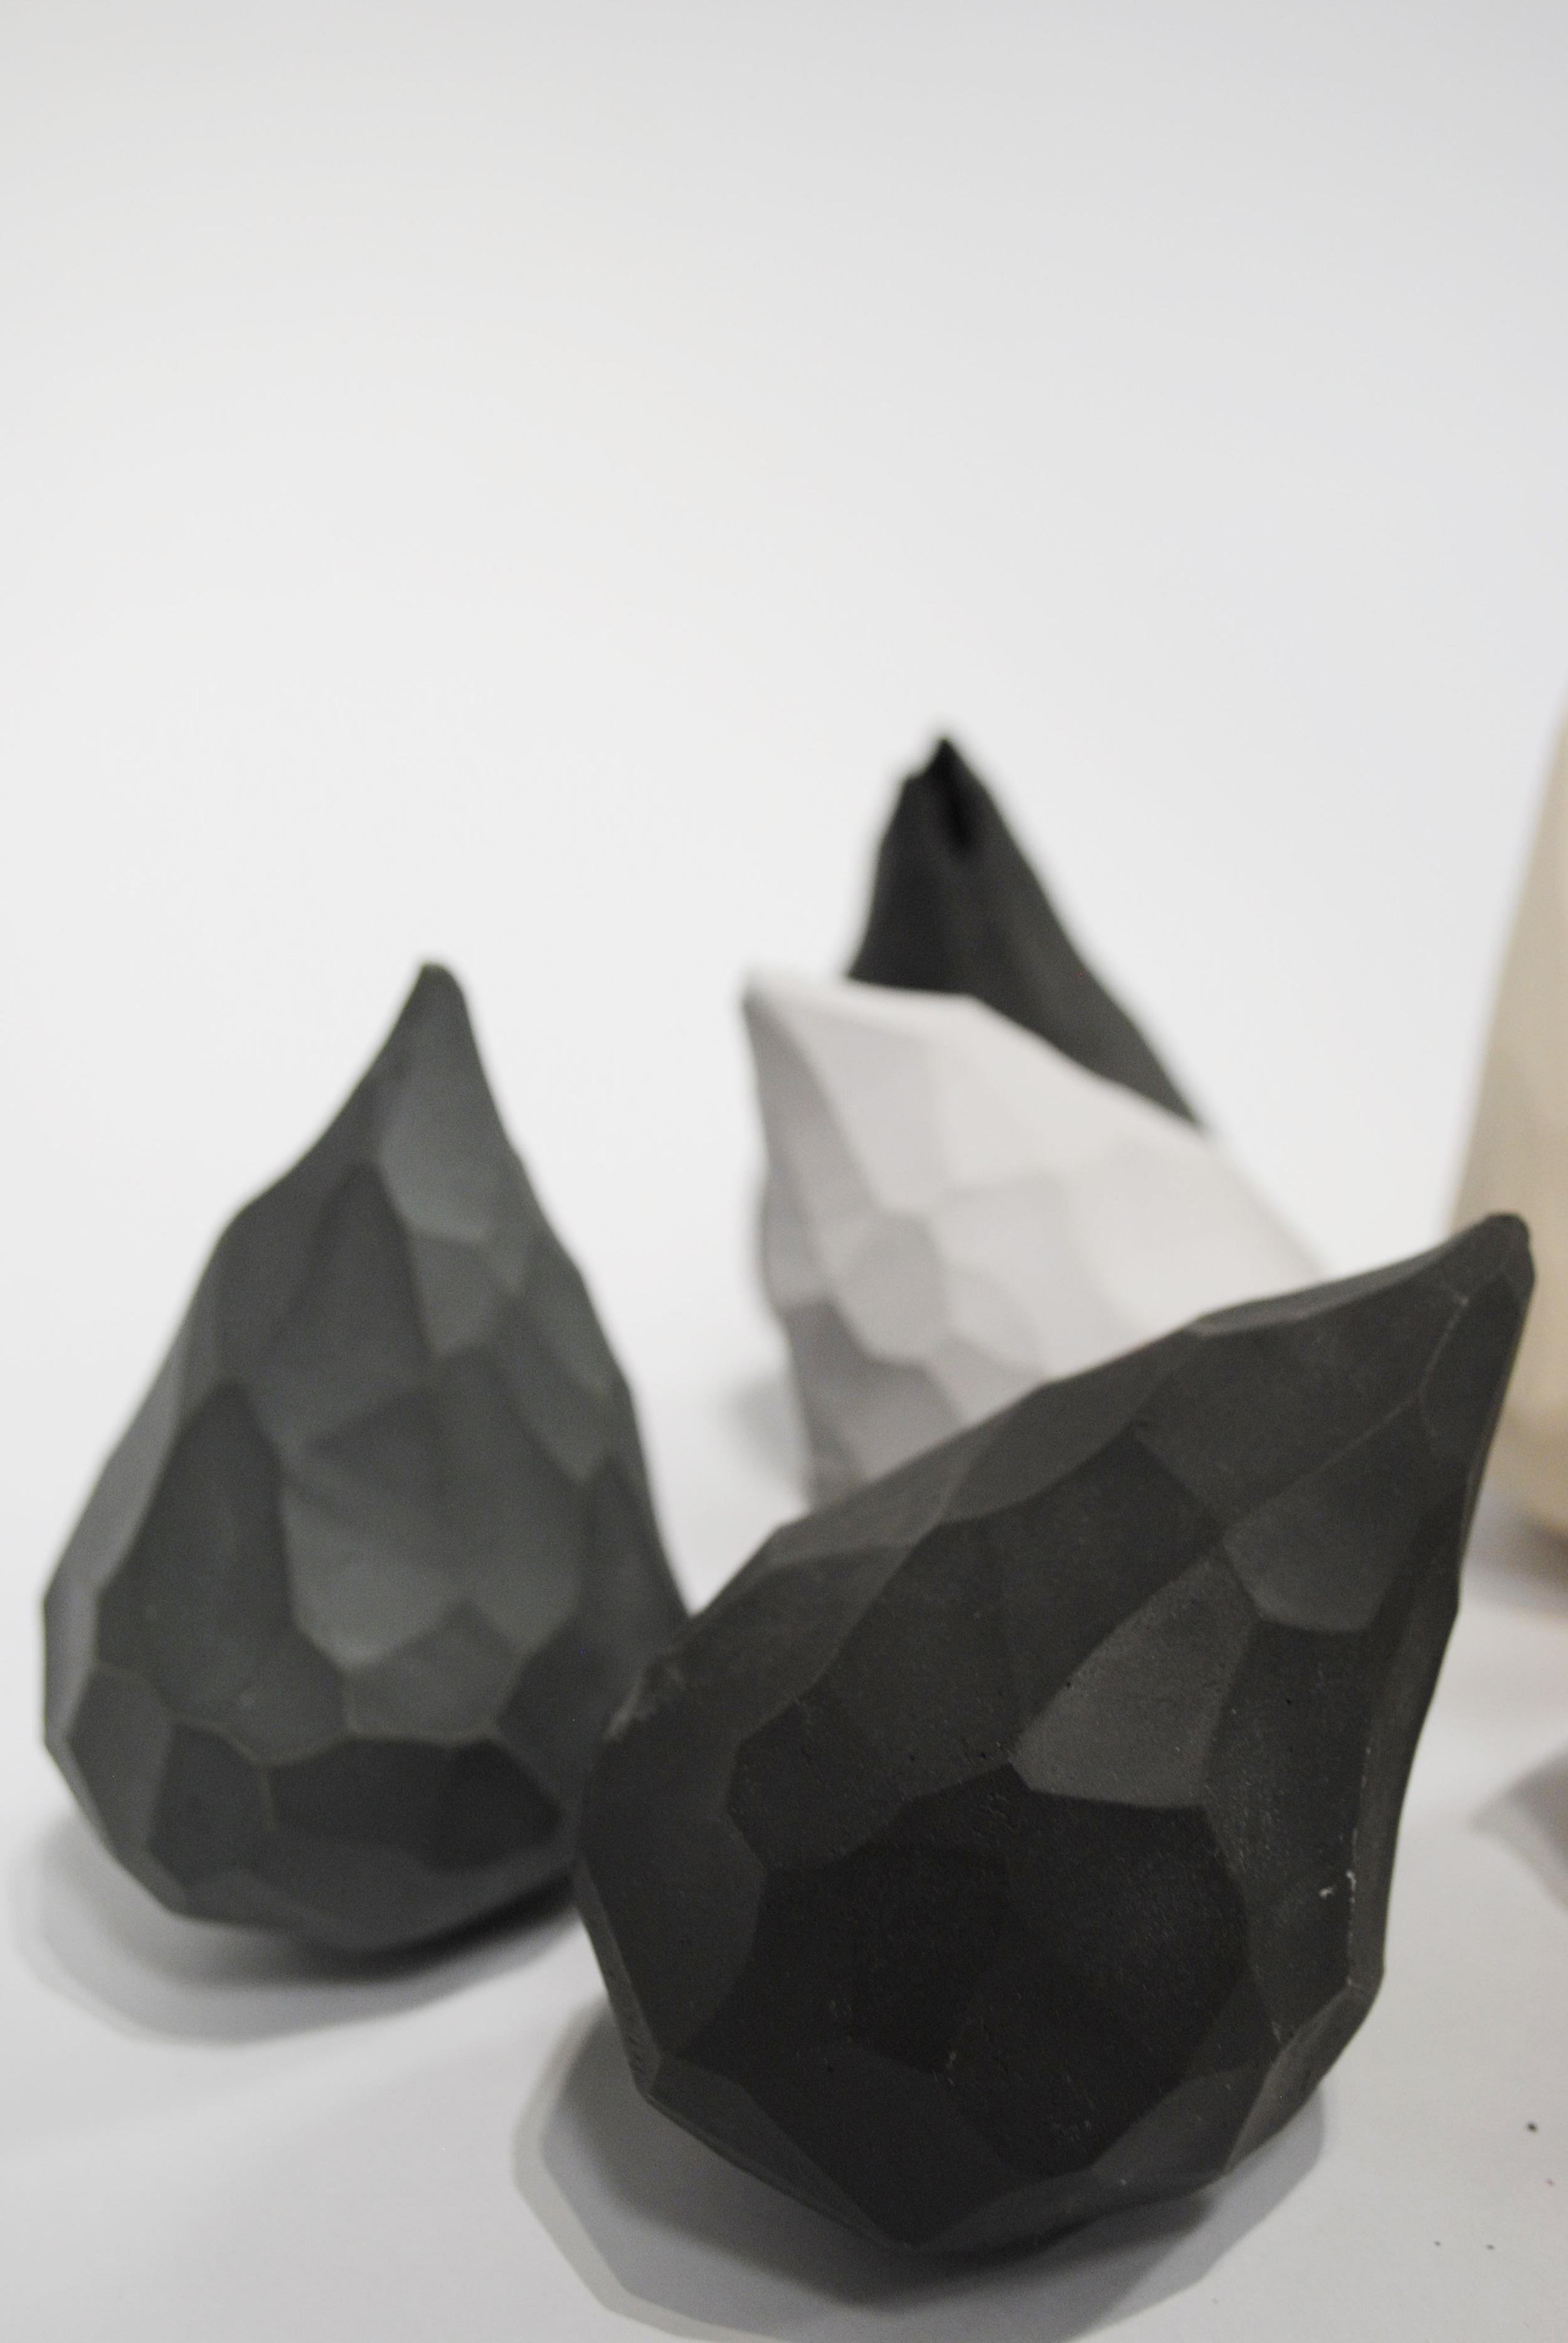 Slip-cast Porcelain, 2014